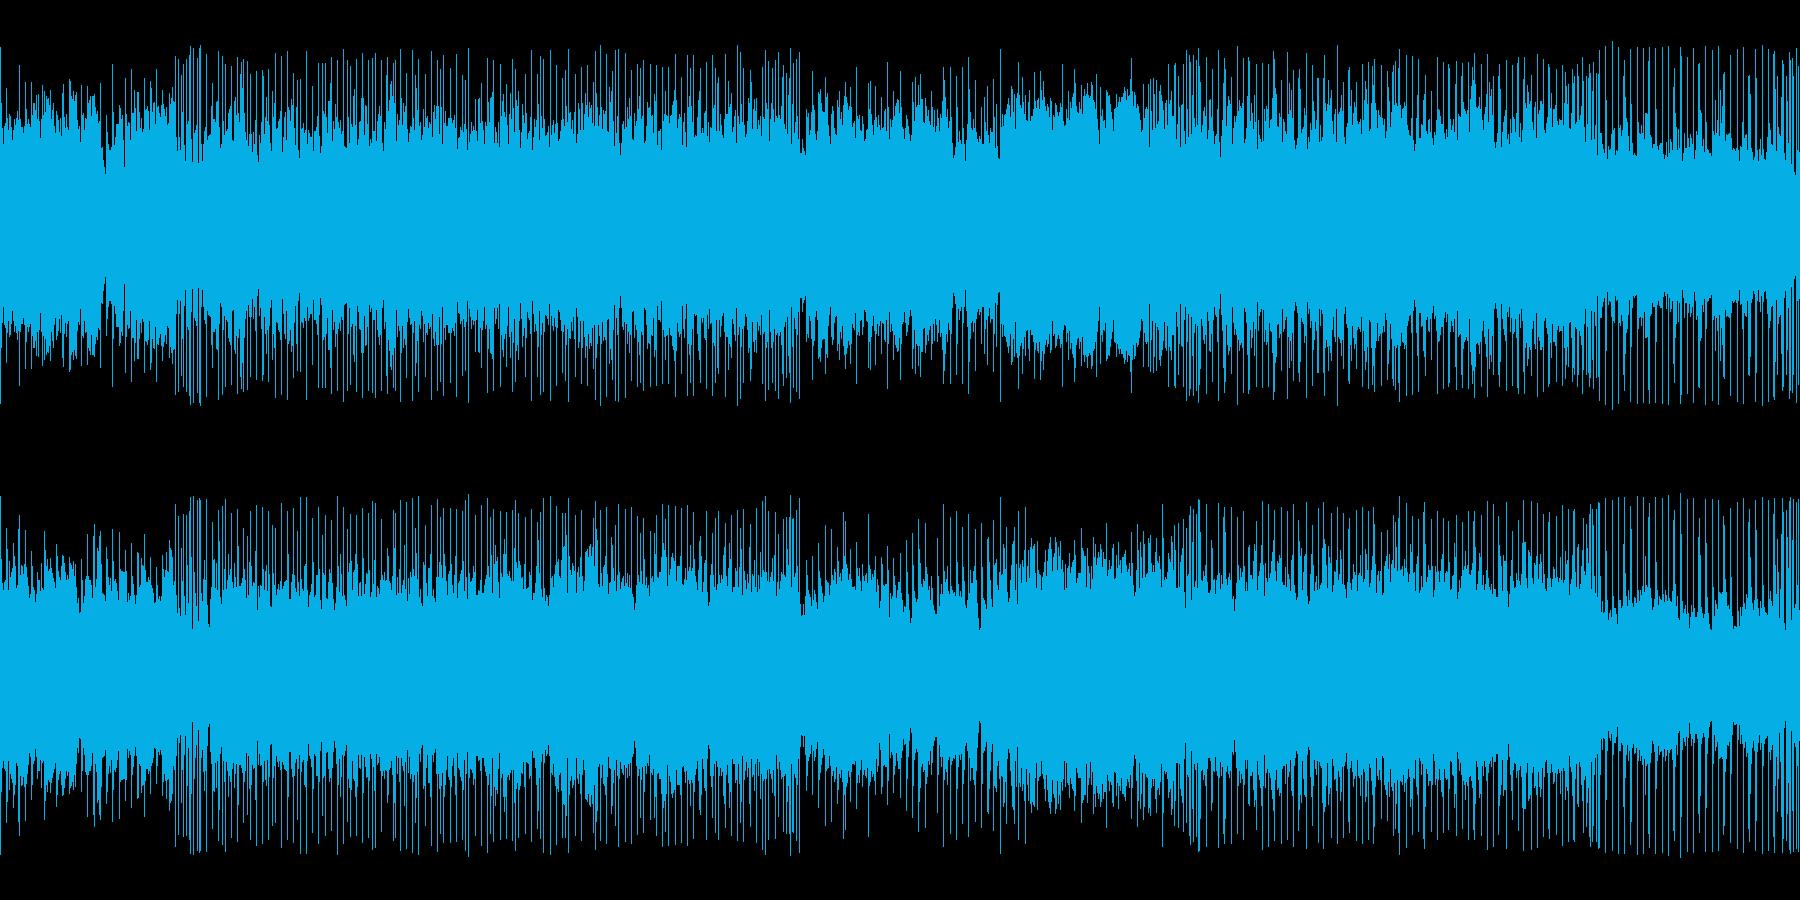 BGM007-01 ピアノ伴奏でブラス…の再生済みの波形